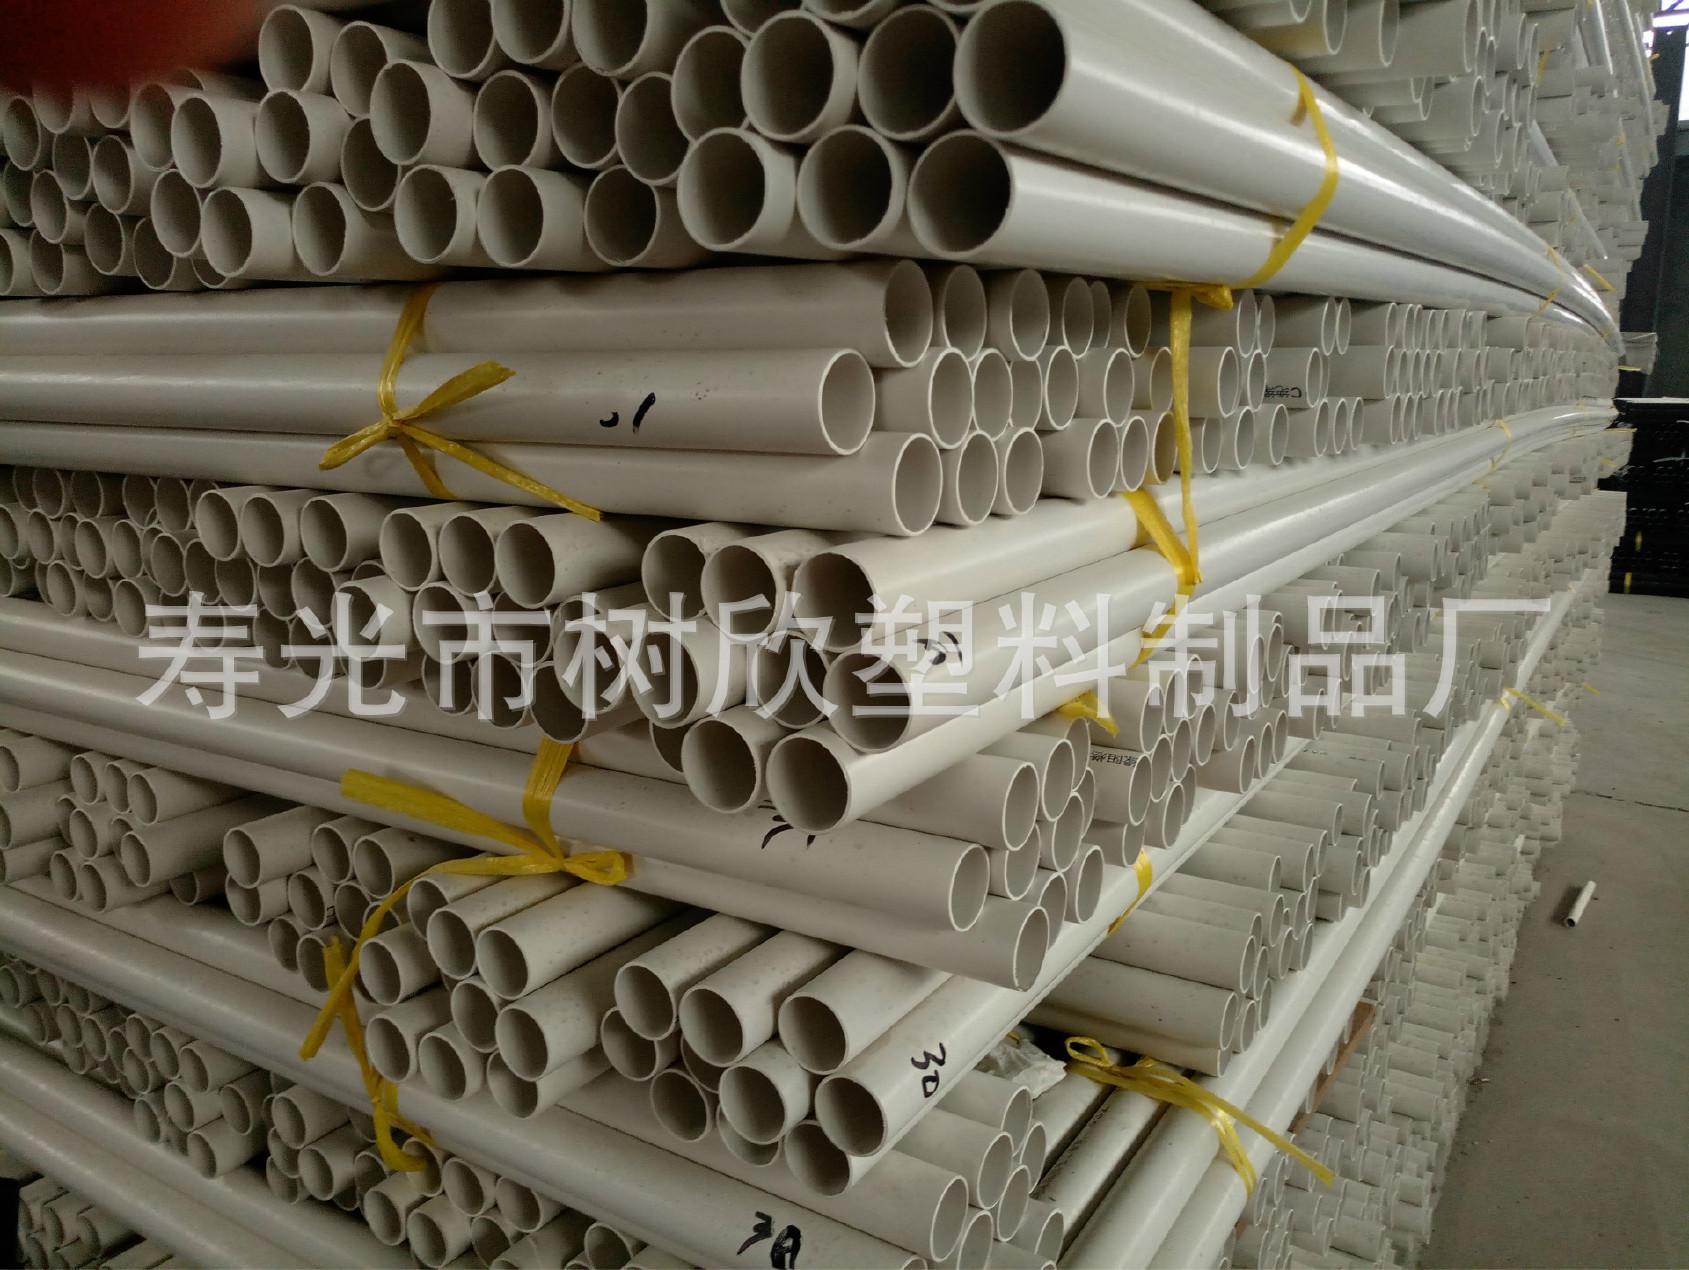 pvc电工套管 pvc阻燃建筑用绝缘电工套管 PVC电线管穿线管批发示例图43